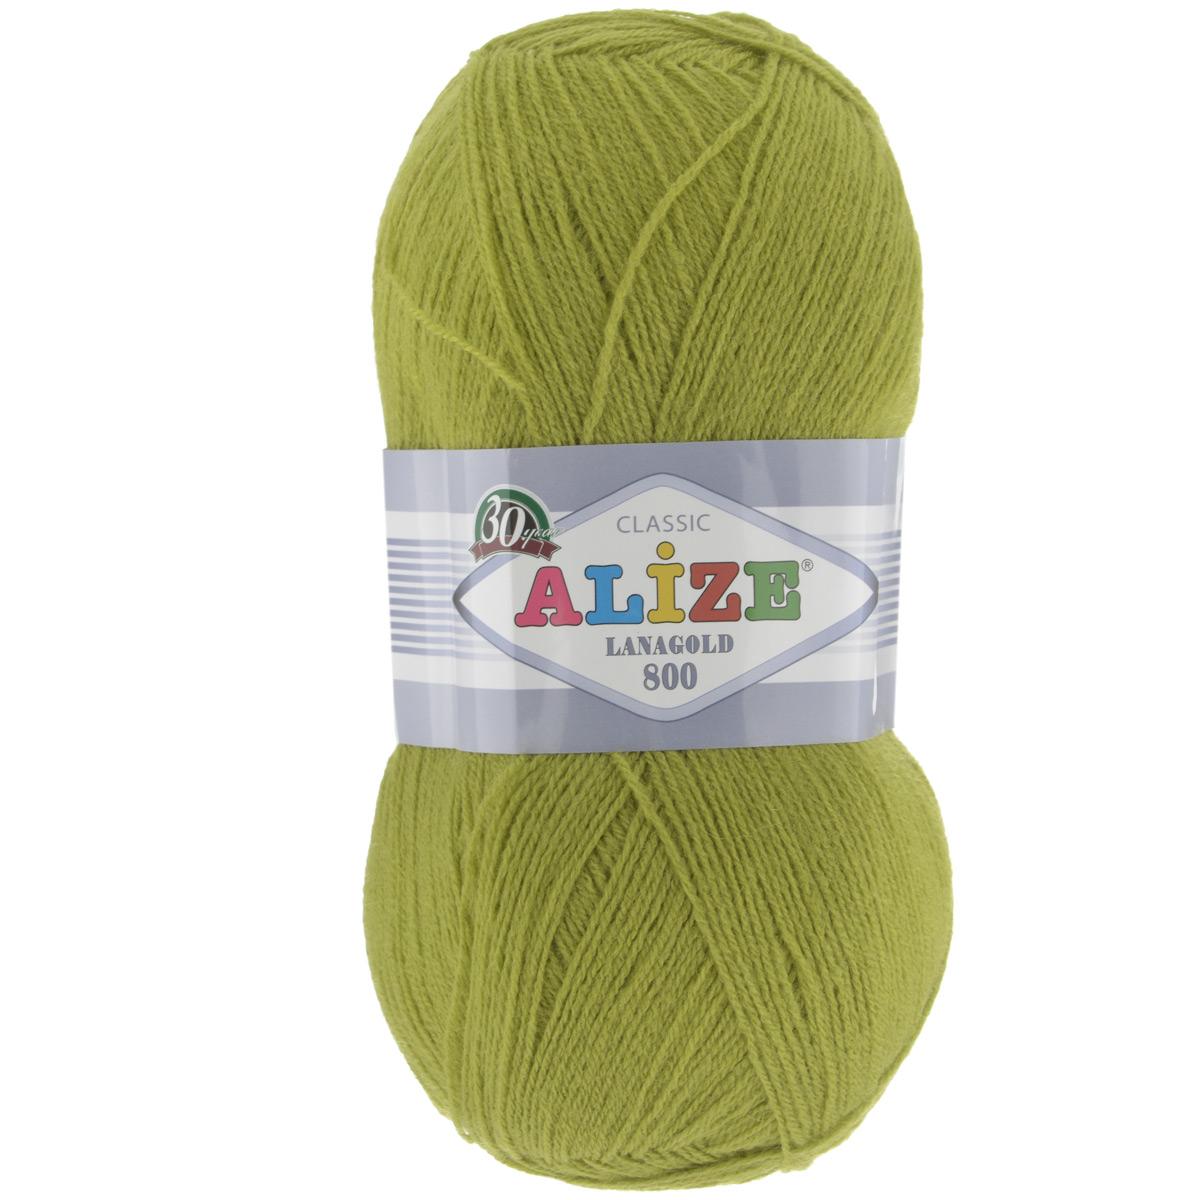 """Пряжа для вязания Alize """"Lanagold 800"""", цвет: фисташка (193), 800 м, 100 г, 5 шт"""